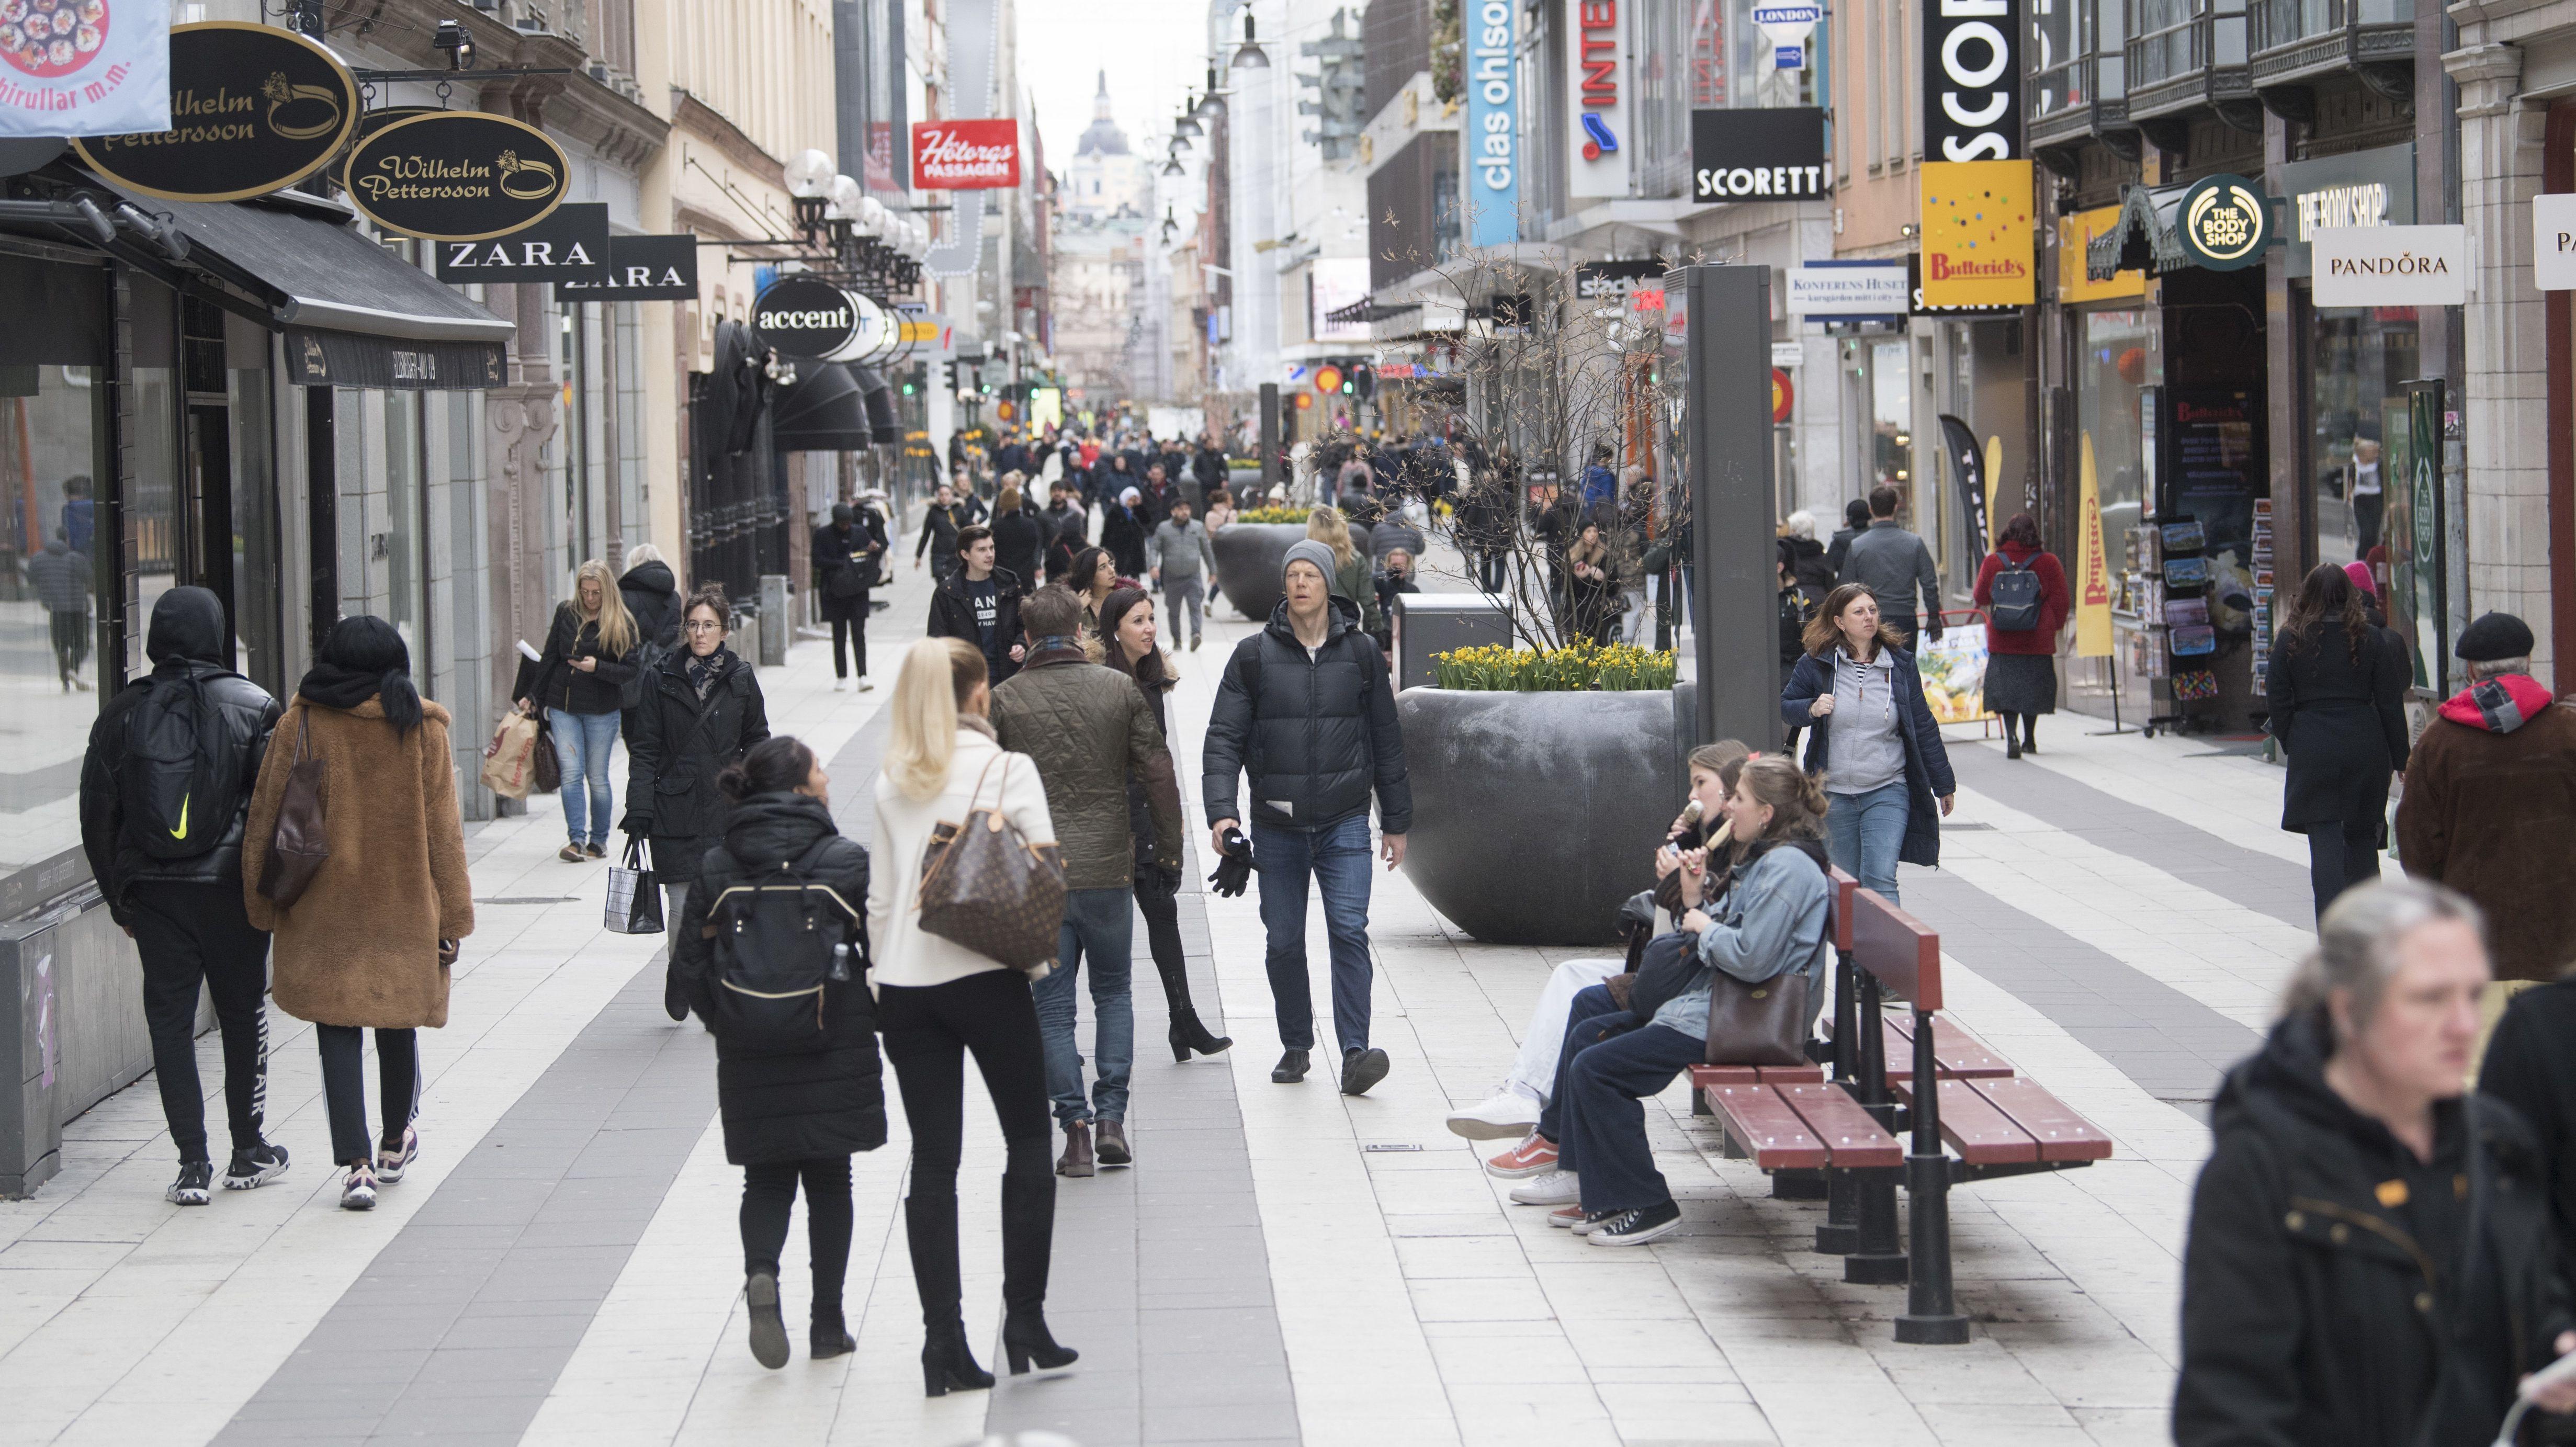 Bislang kaum Einschränkungen in der Coronakrise: Straße in Stockholm am 1. April 2020.